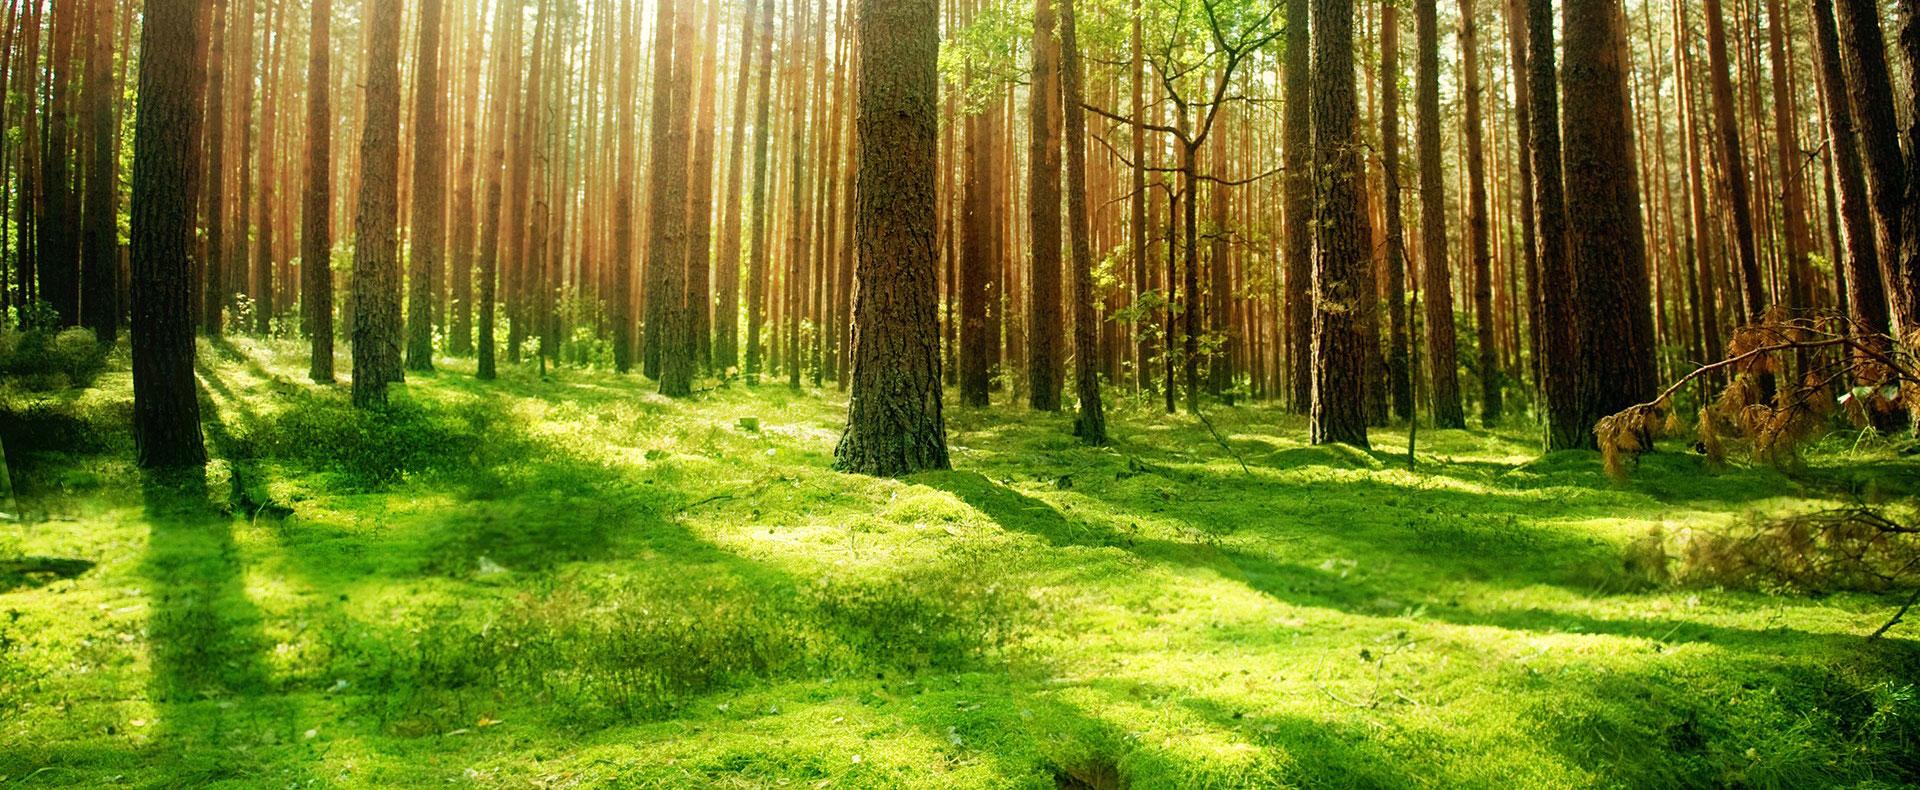 Miljö & Kvalitet